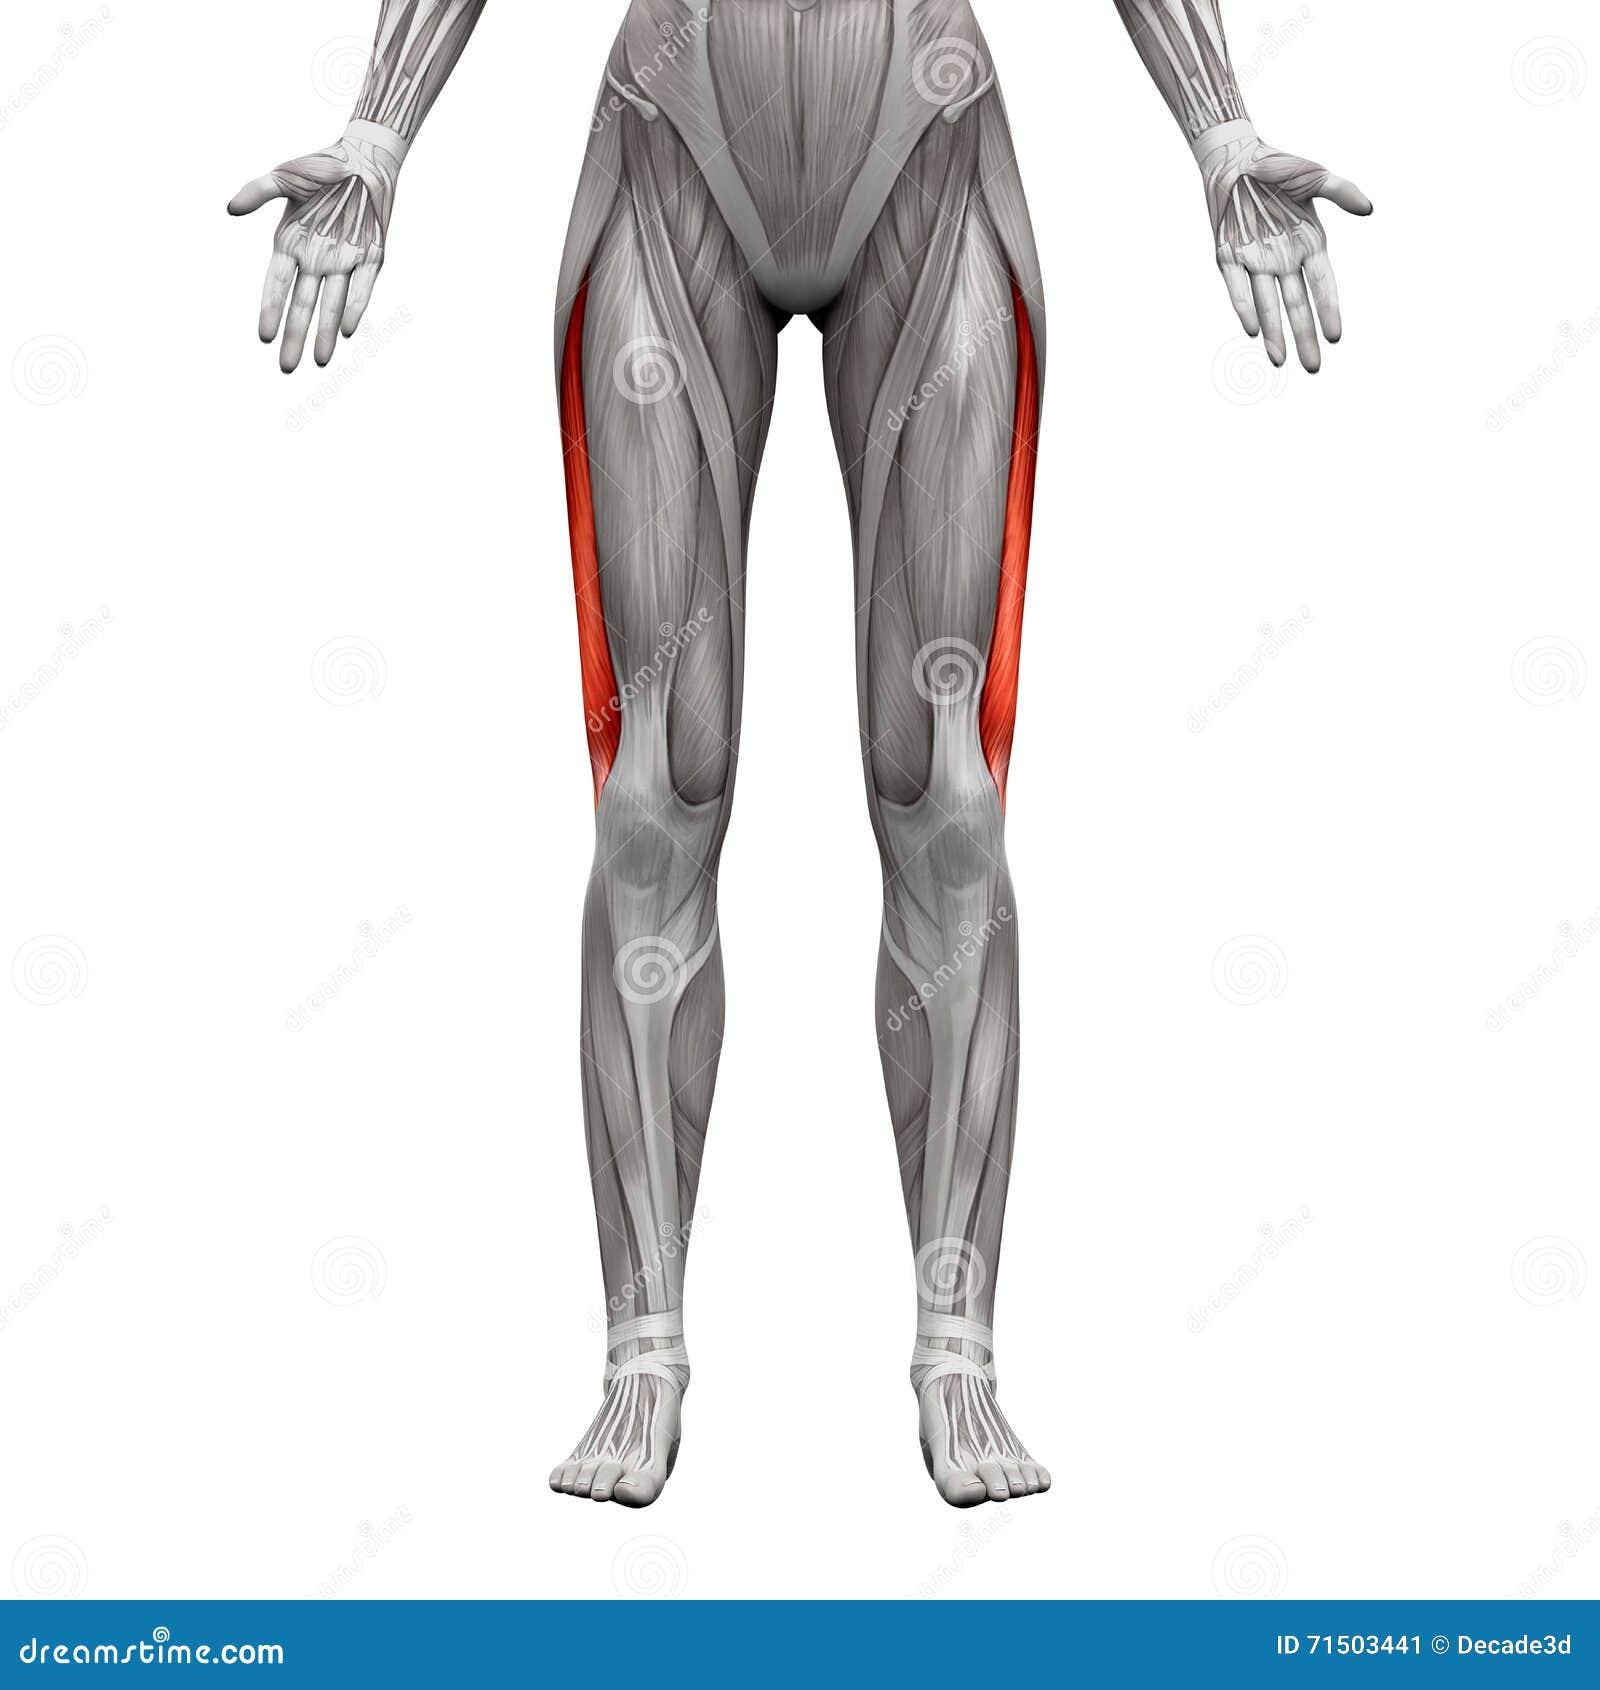 Vastus Lateralis-Spier - Anatomiespieren op 3D die wit worden geïsoleerd -